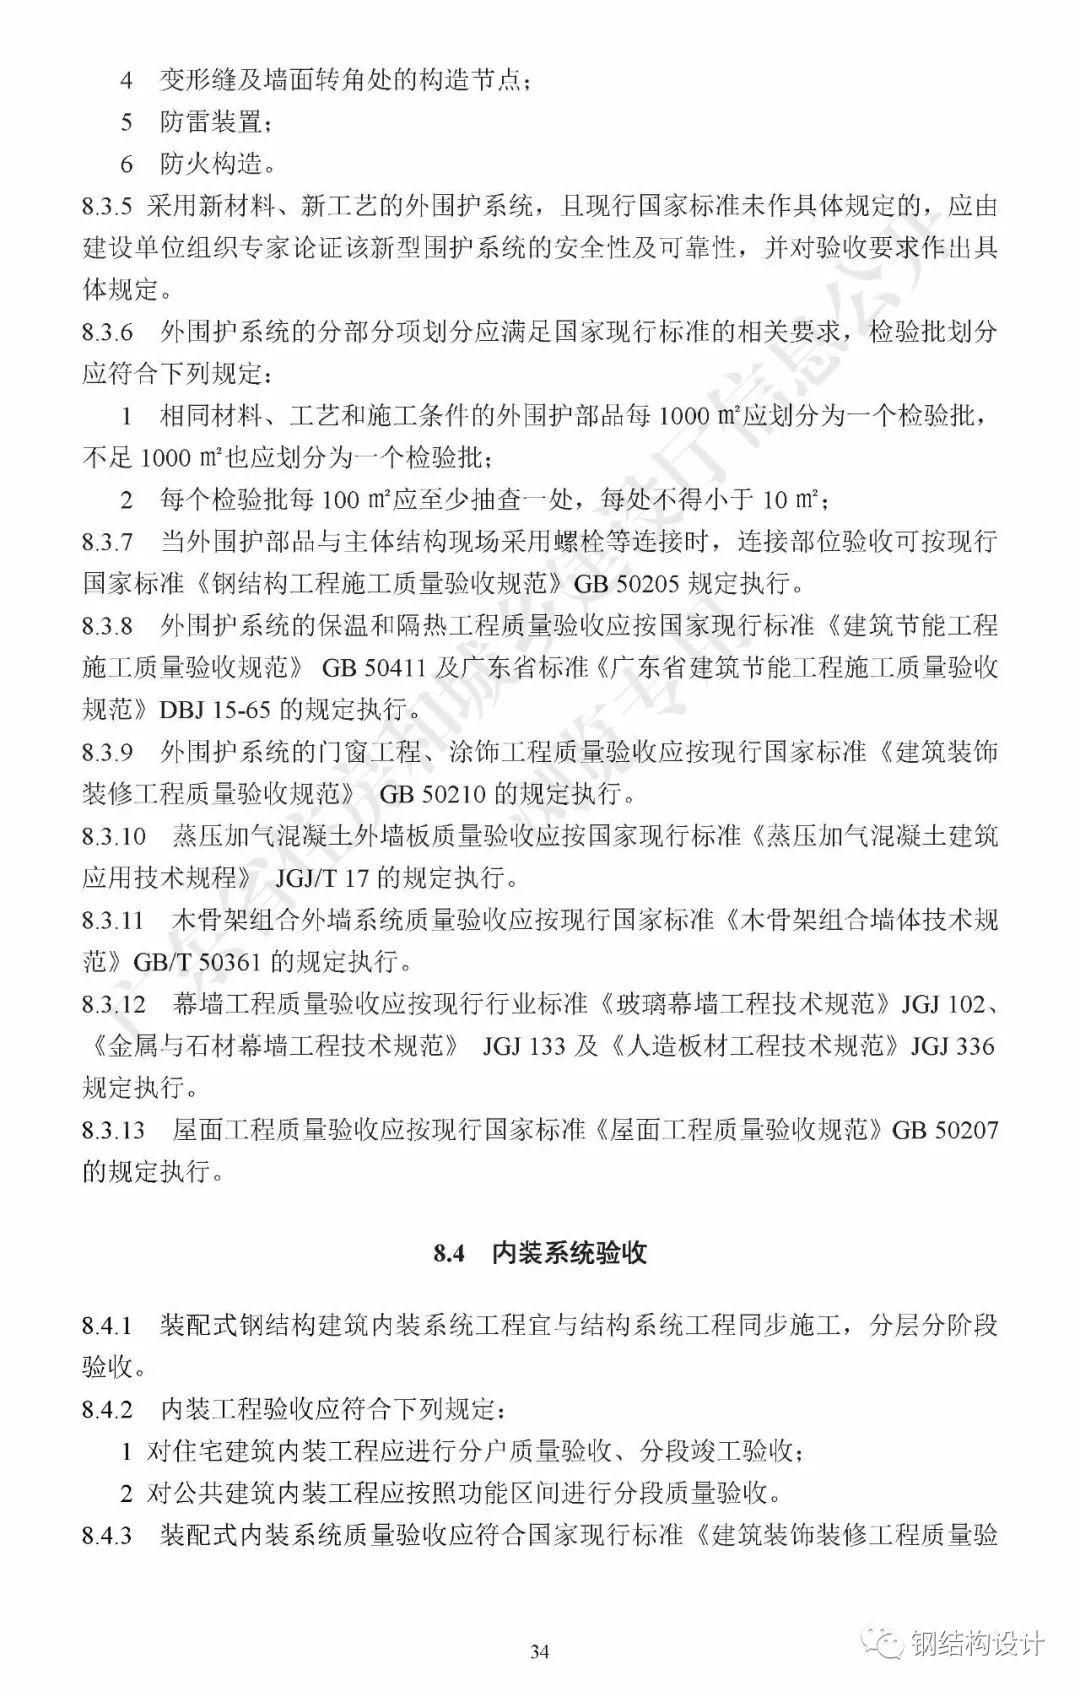 广东省《装配式钢结构建筑技术规程》发布_44